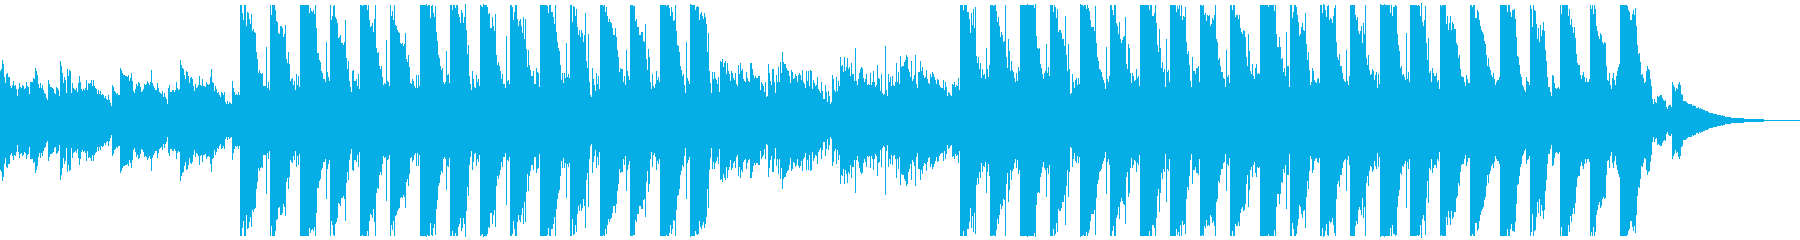 神秘的なビートの再生済みの波形